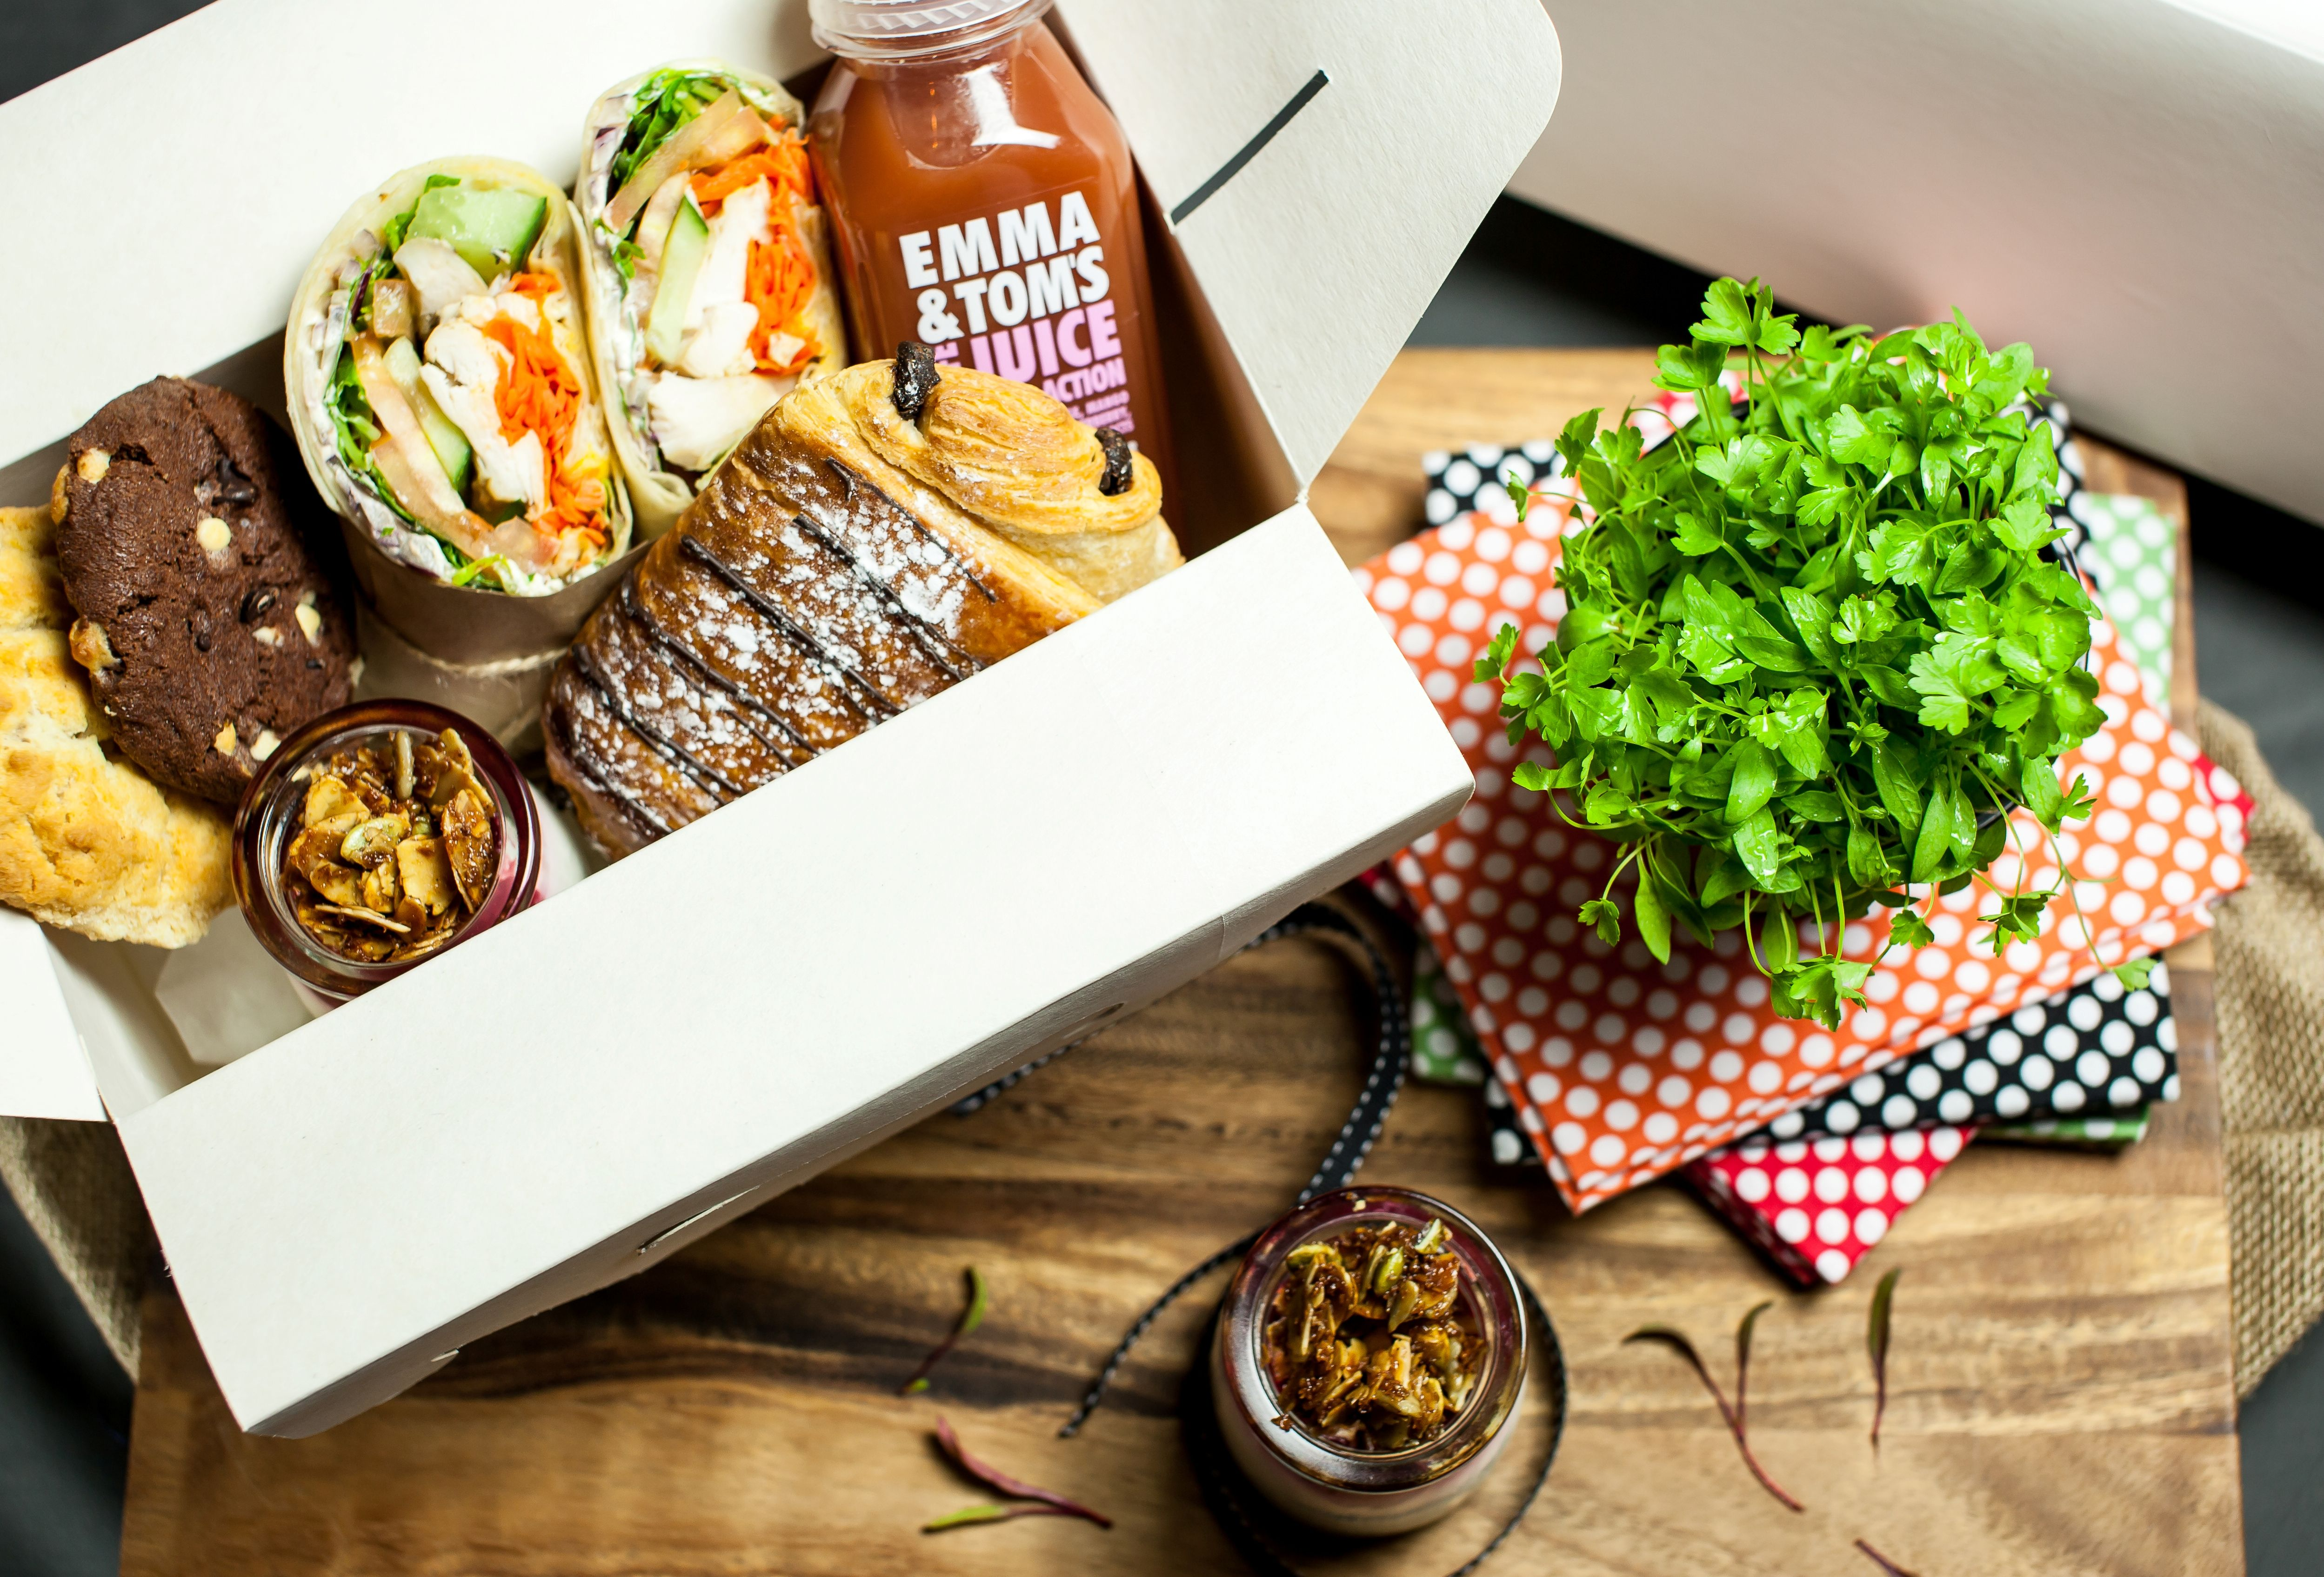 Catering Lunch Boxes Comida Loncheras Saludables Recetas Para Cocinar